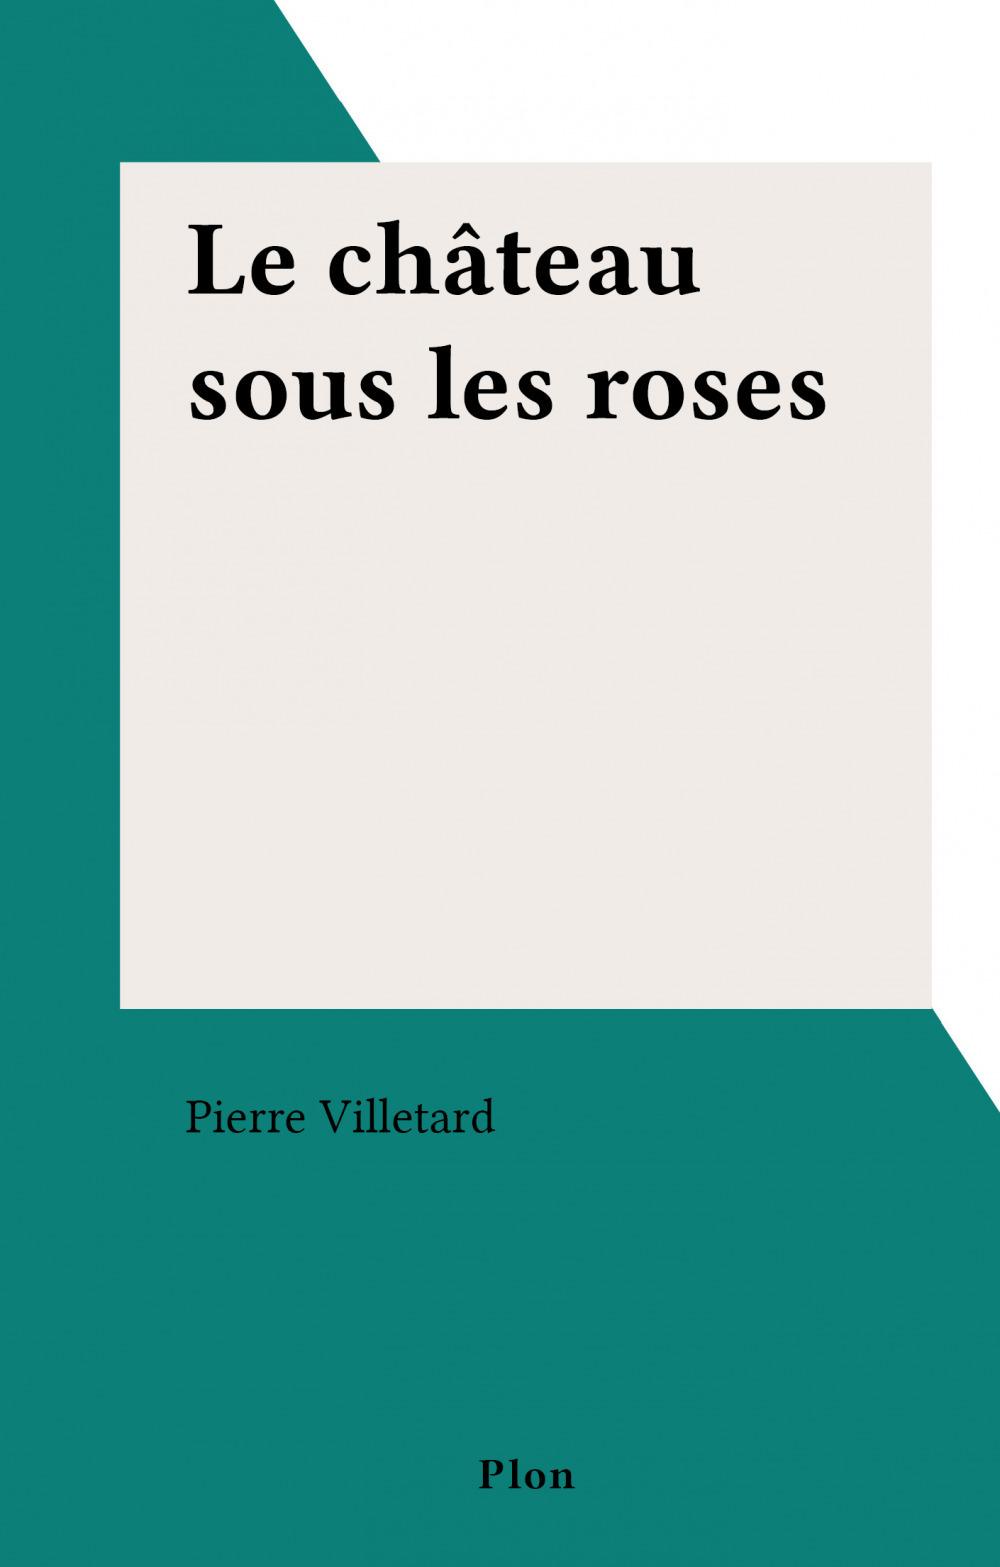 Le château sous les roses  - Pierre Villetard